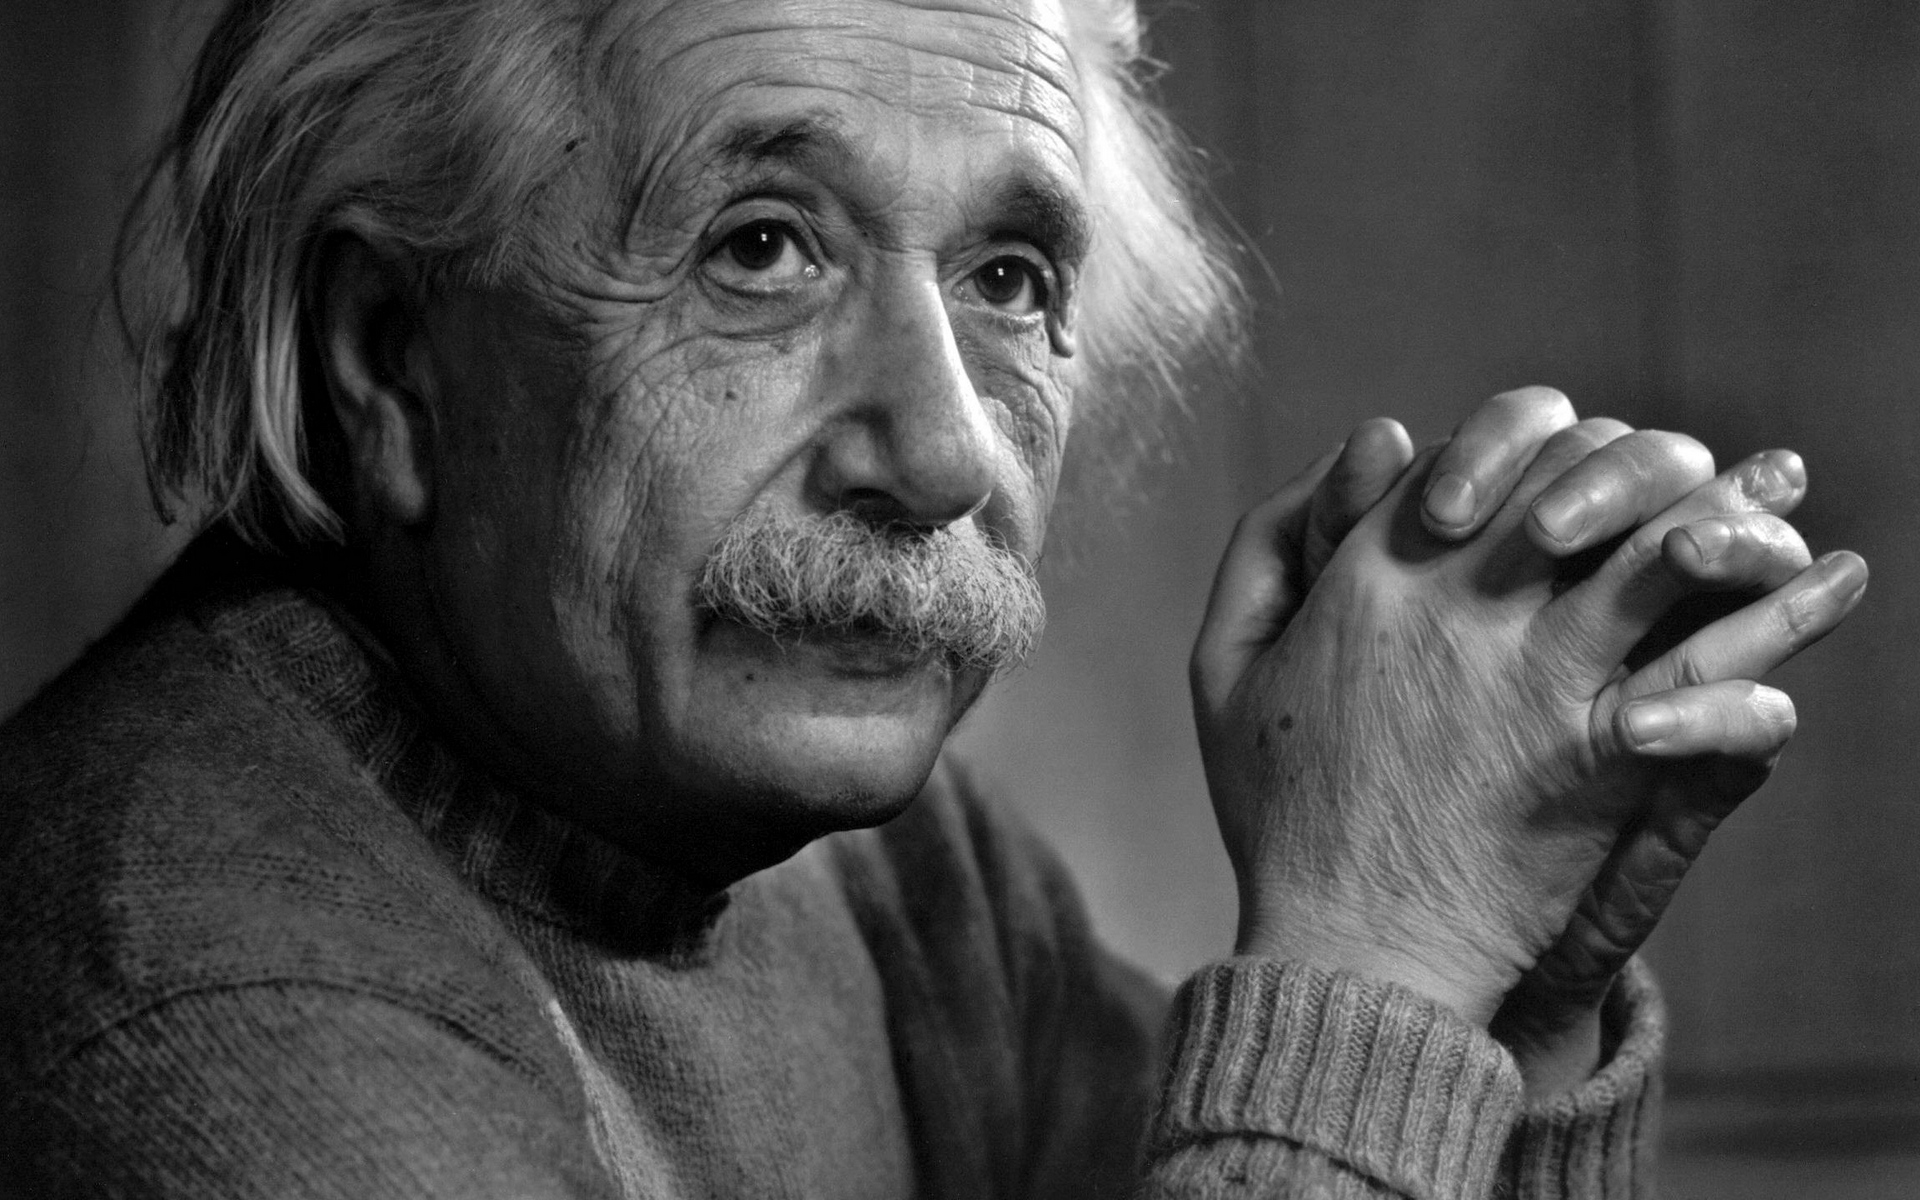 Альберт Эйнштейн, ученый, физик